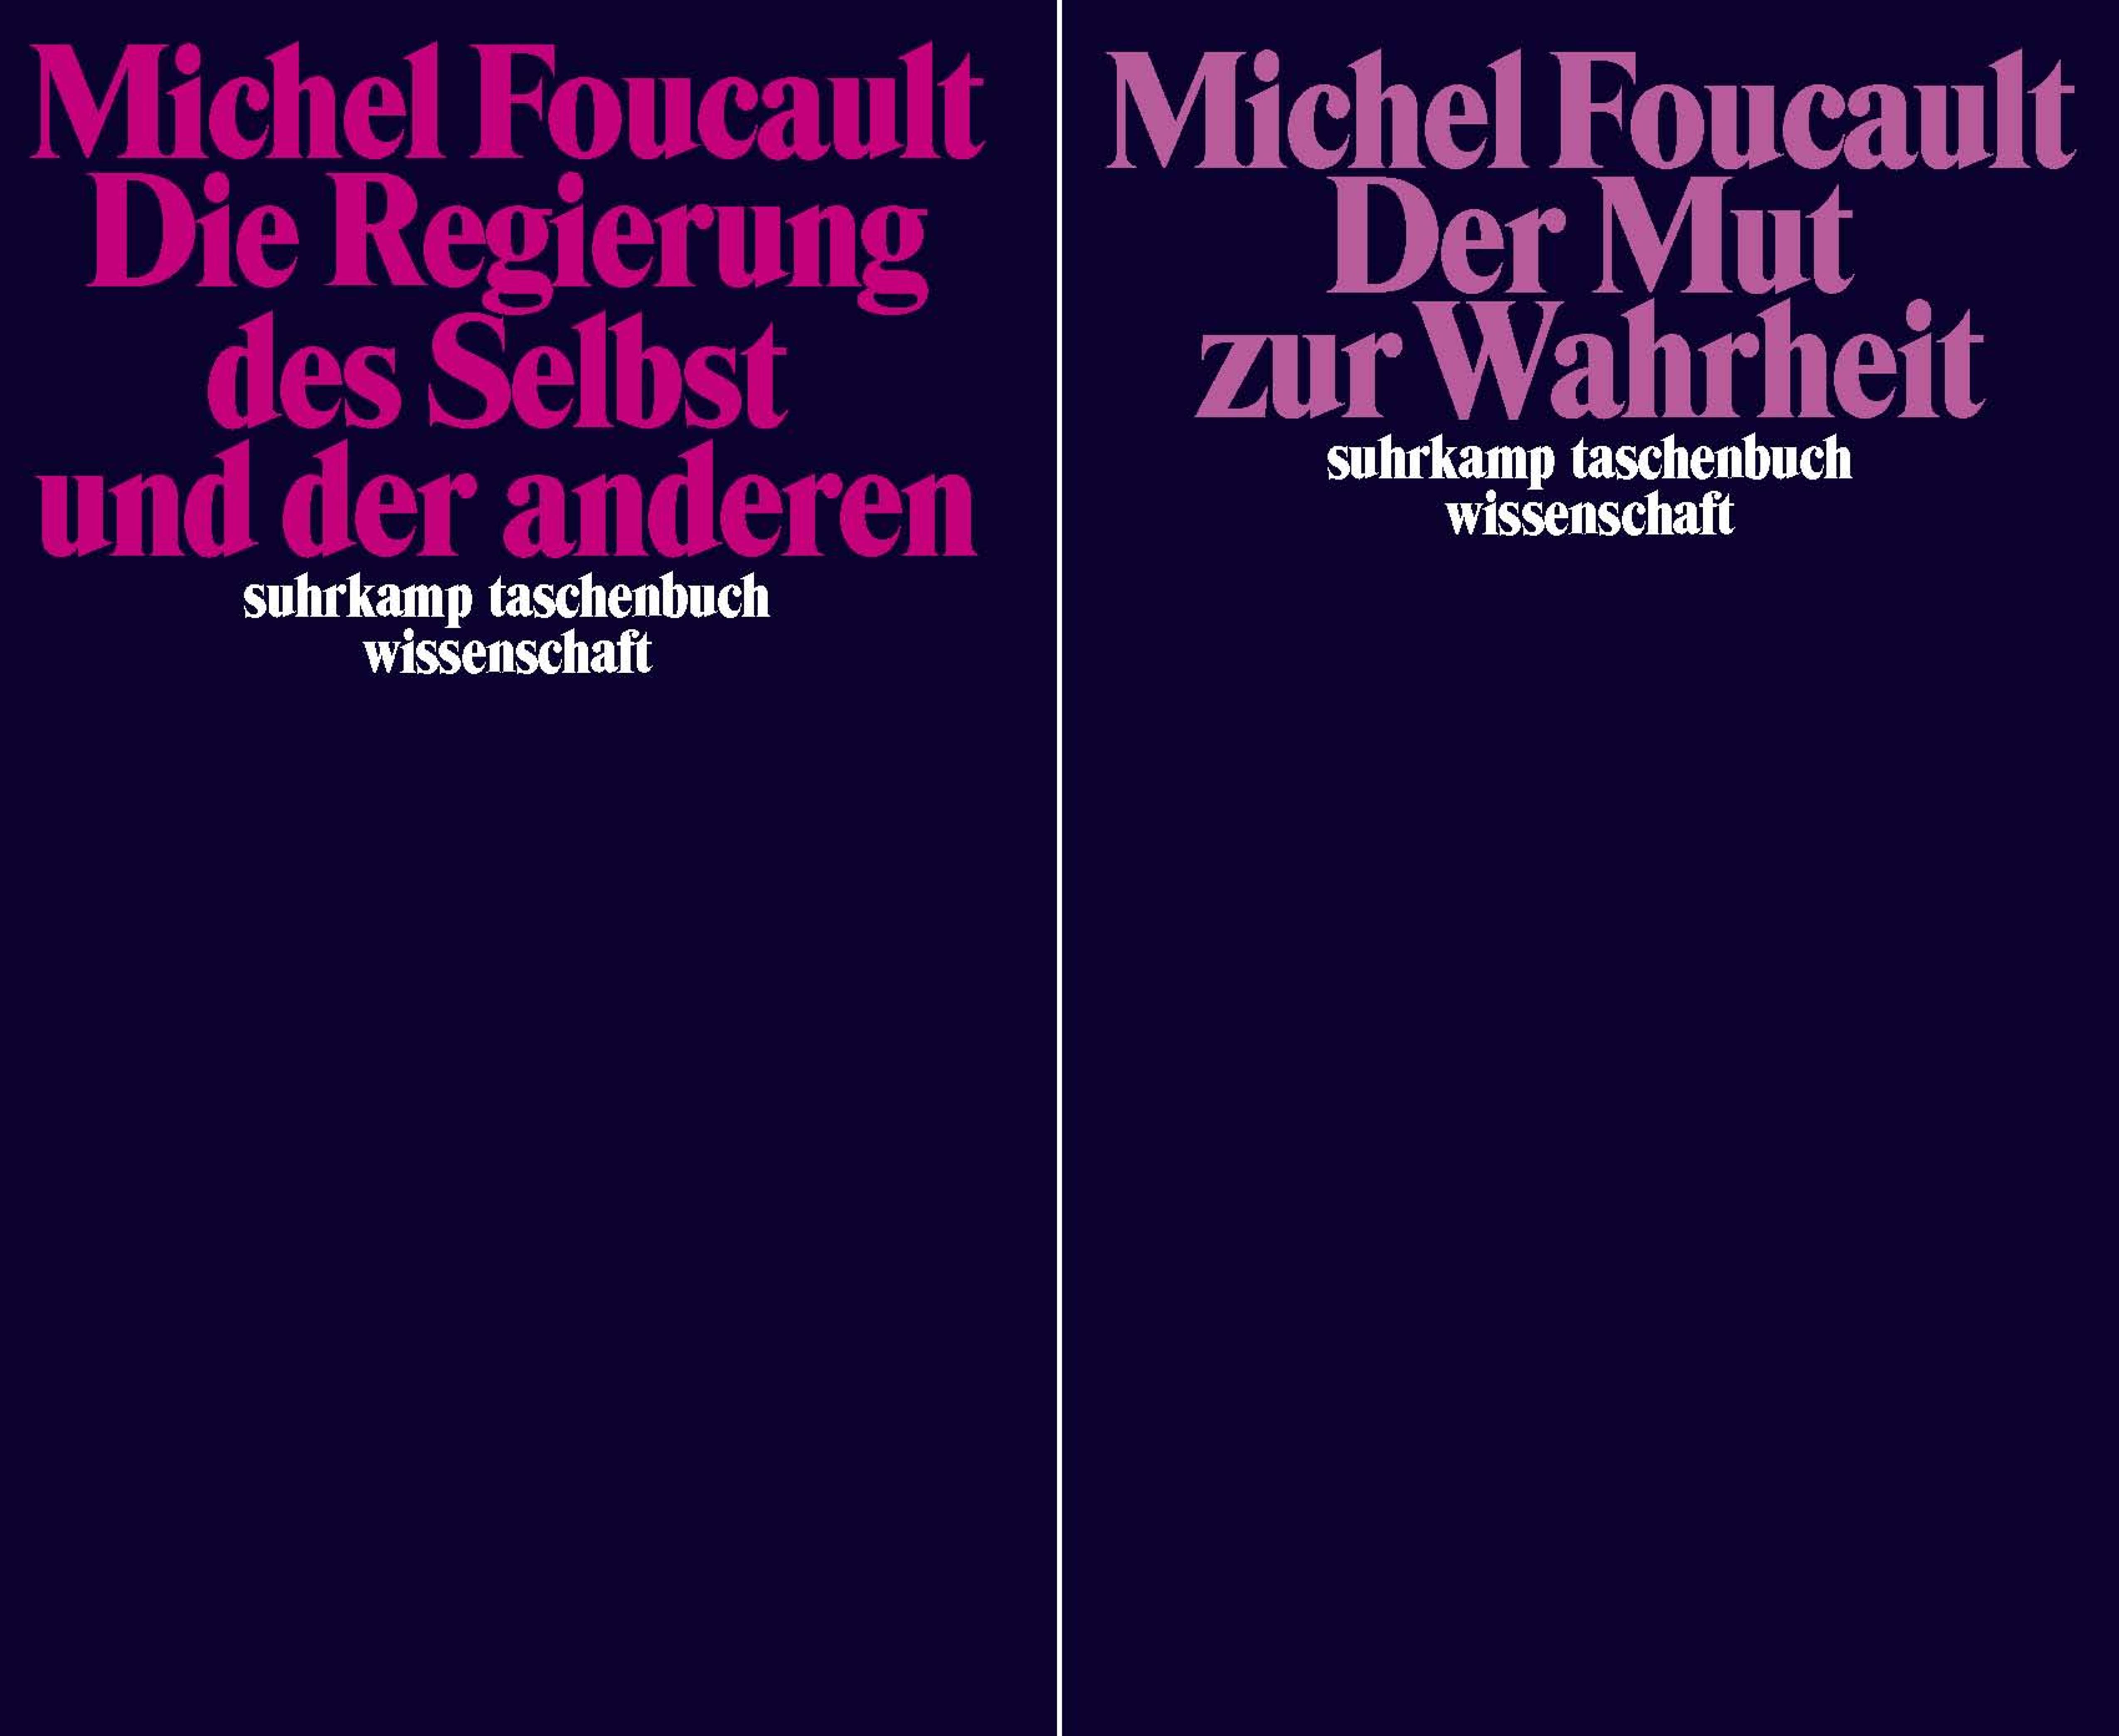 Die Regierung des Selbst und der anderen, Michel Foucault